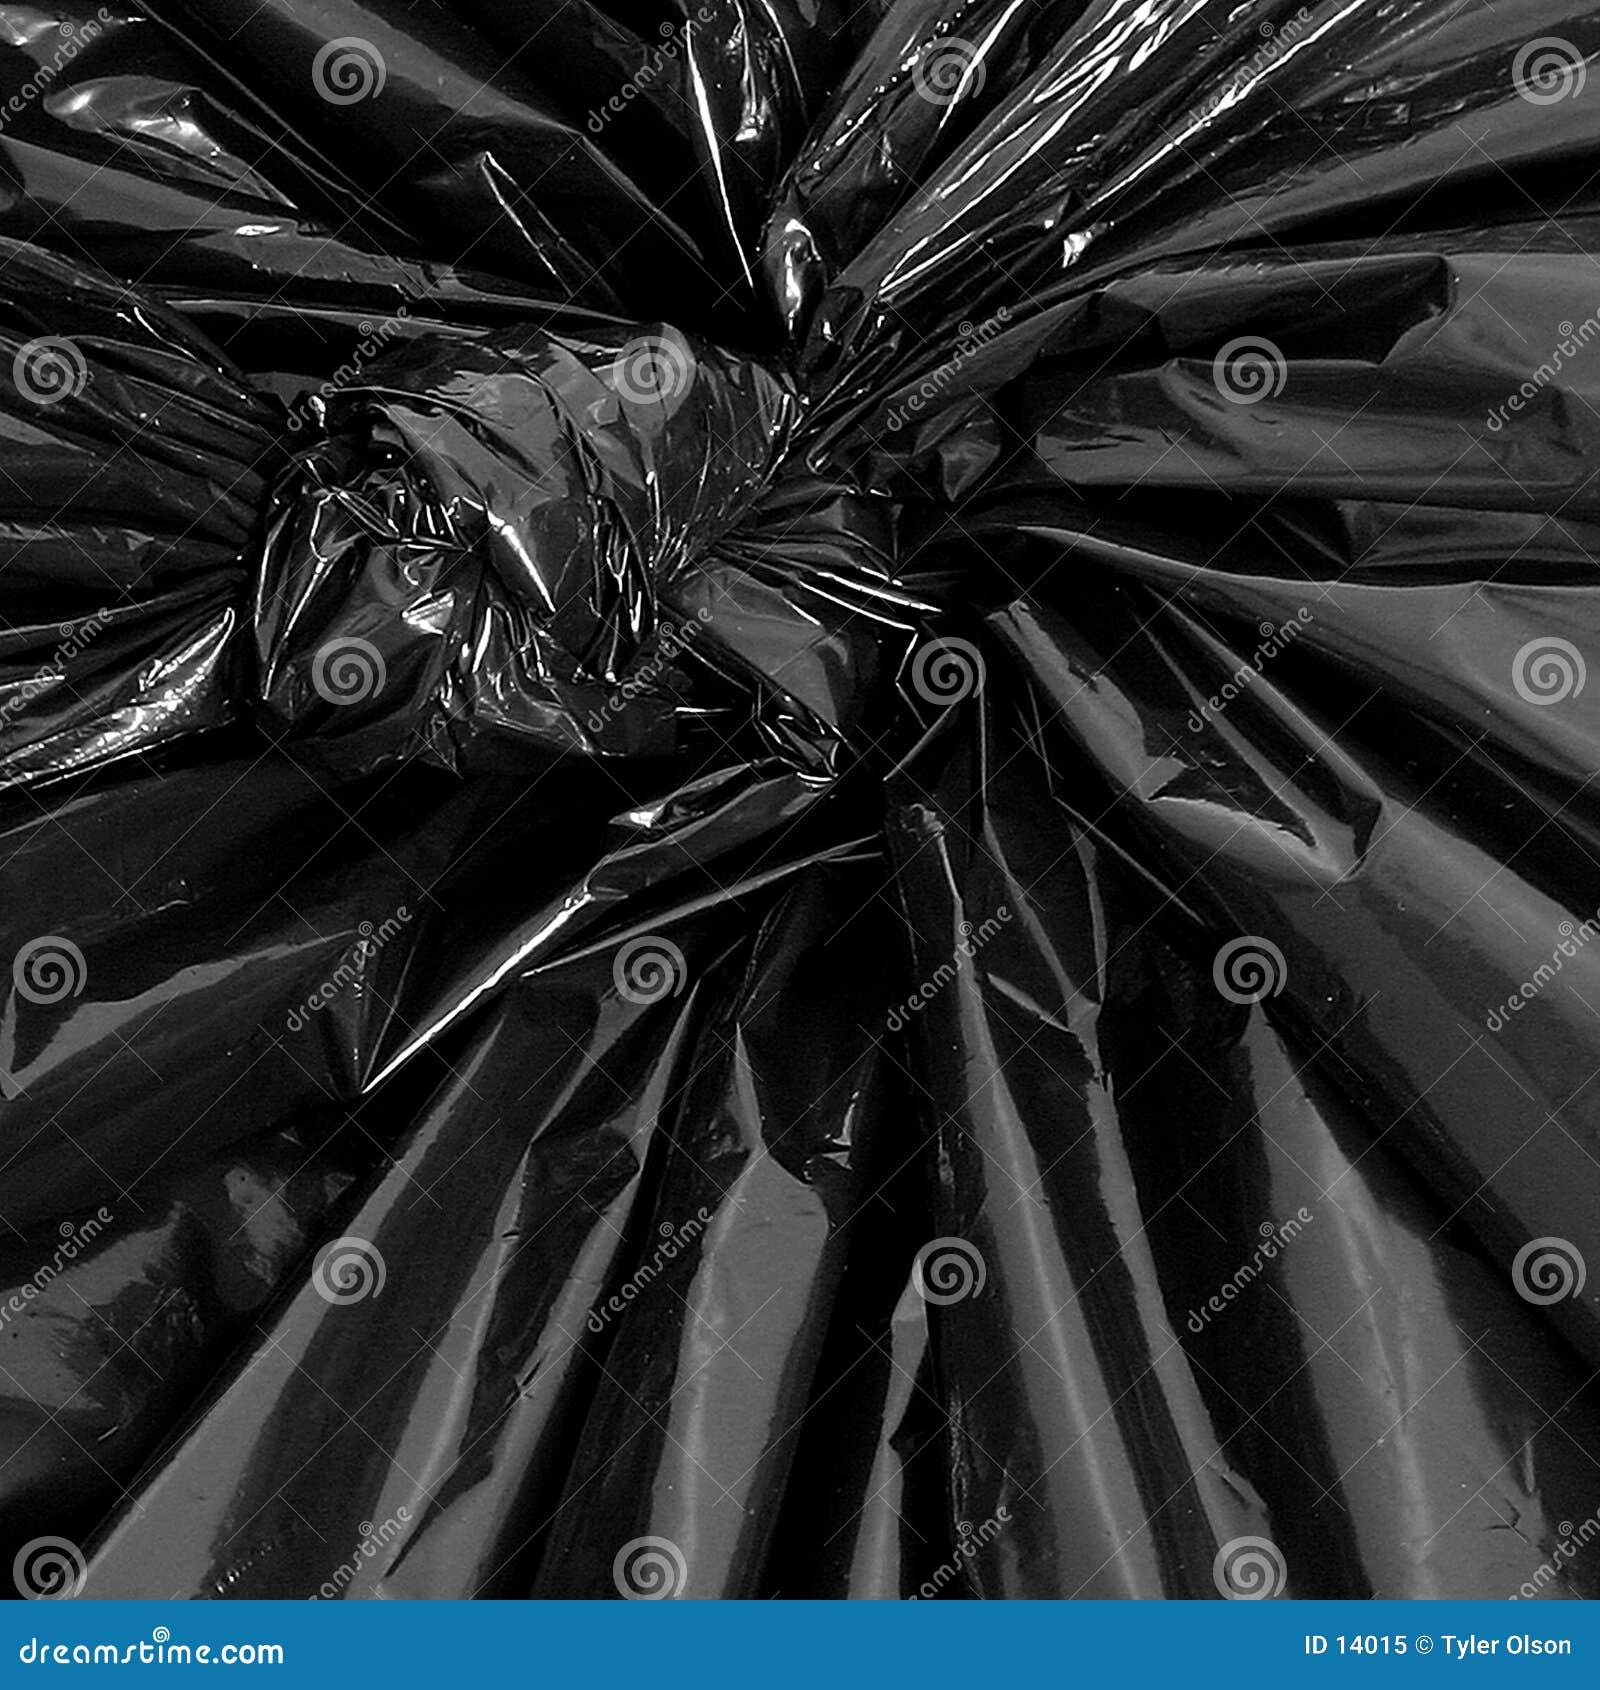 Garbage Bag Detail